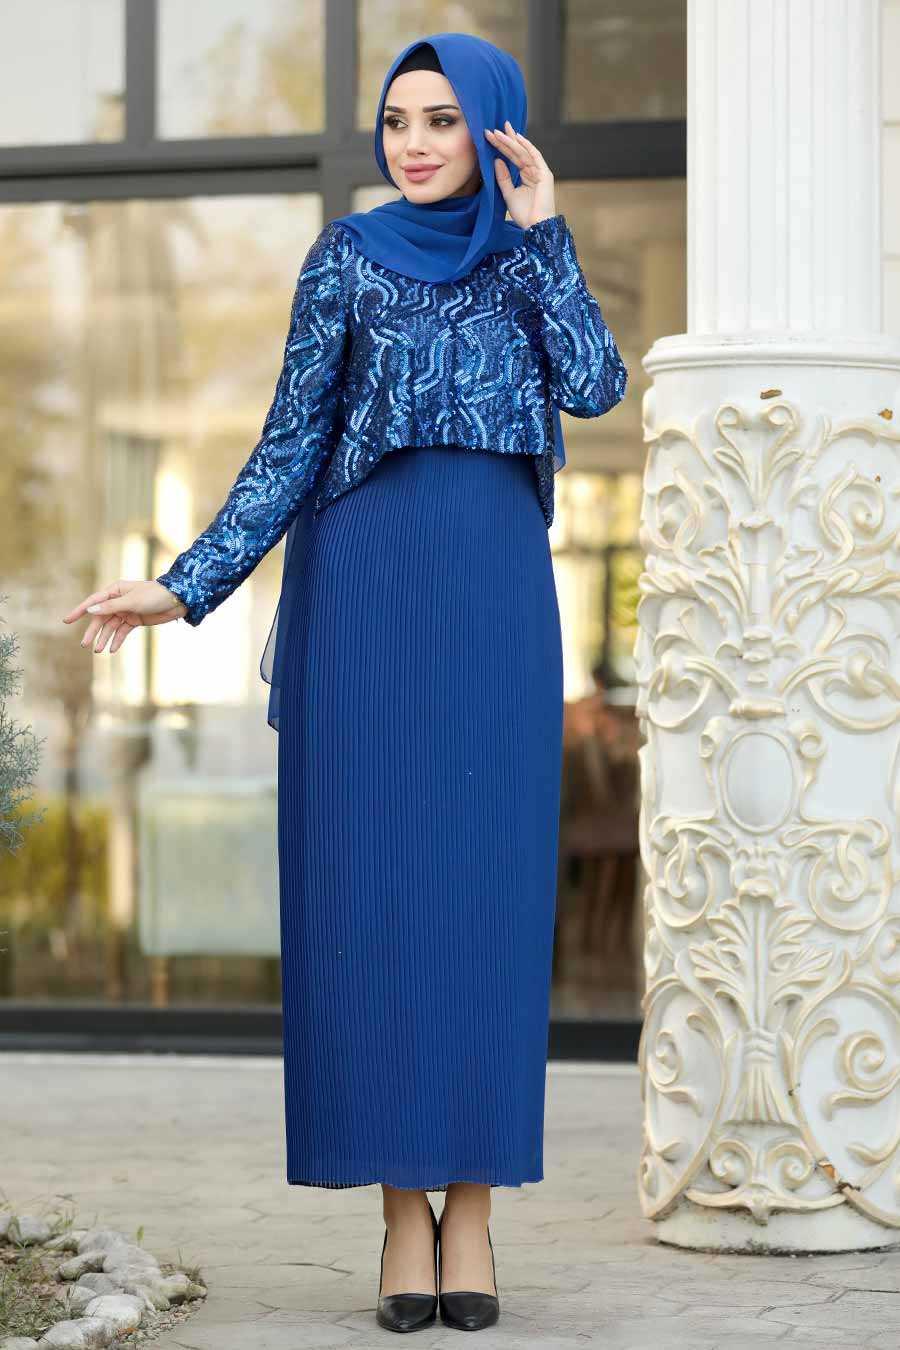 Sax Blue Hijab Evening Dress 3743SX